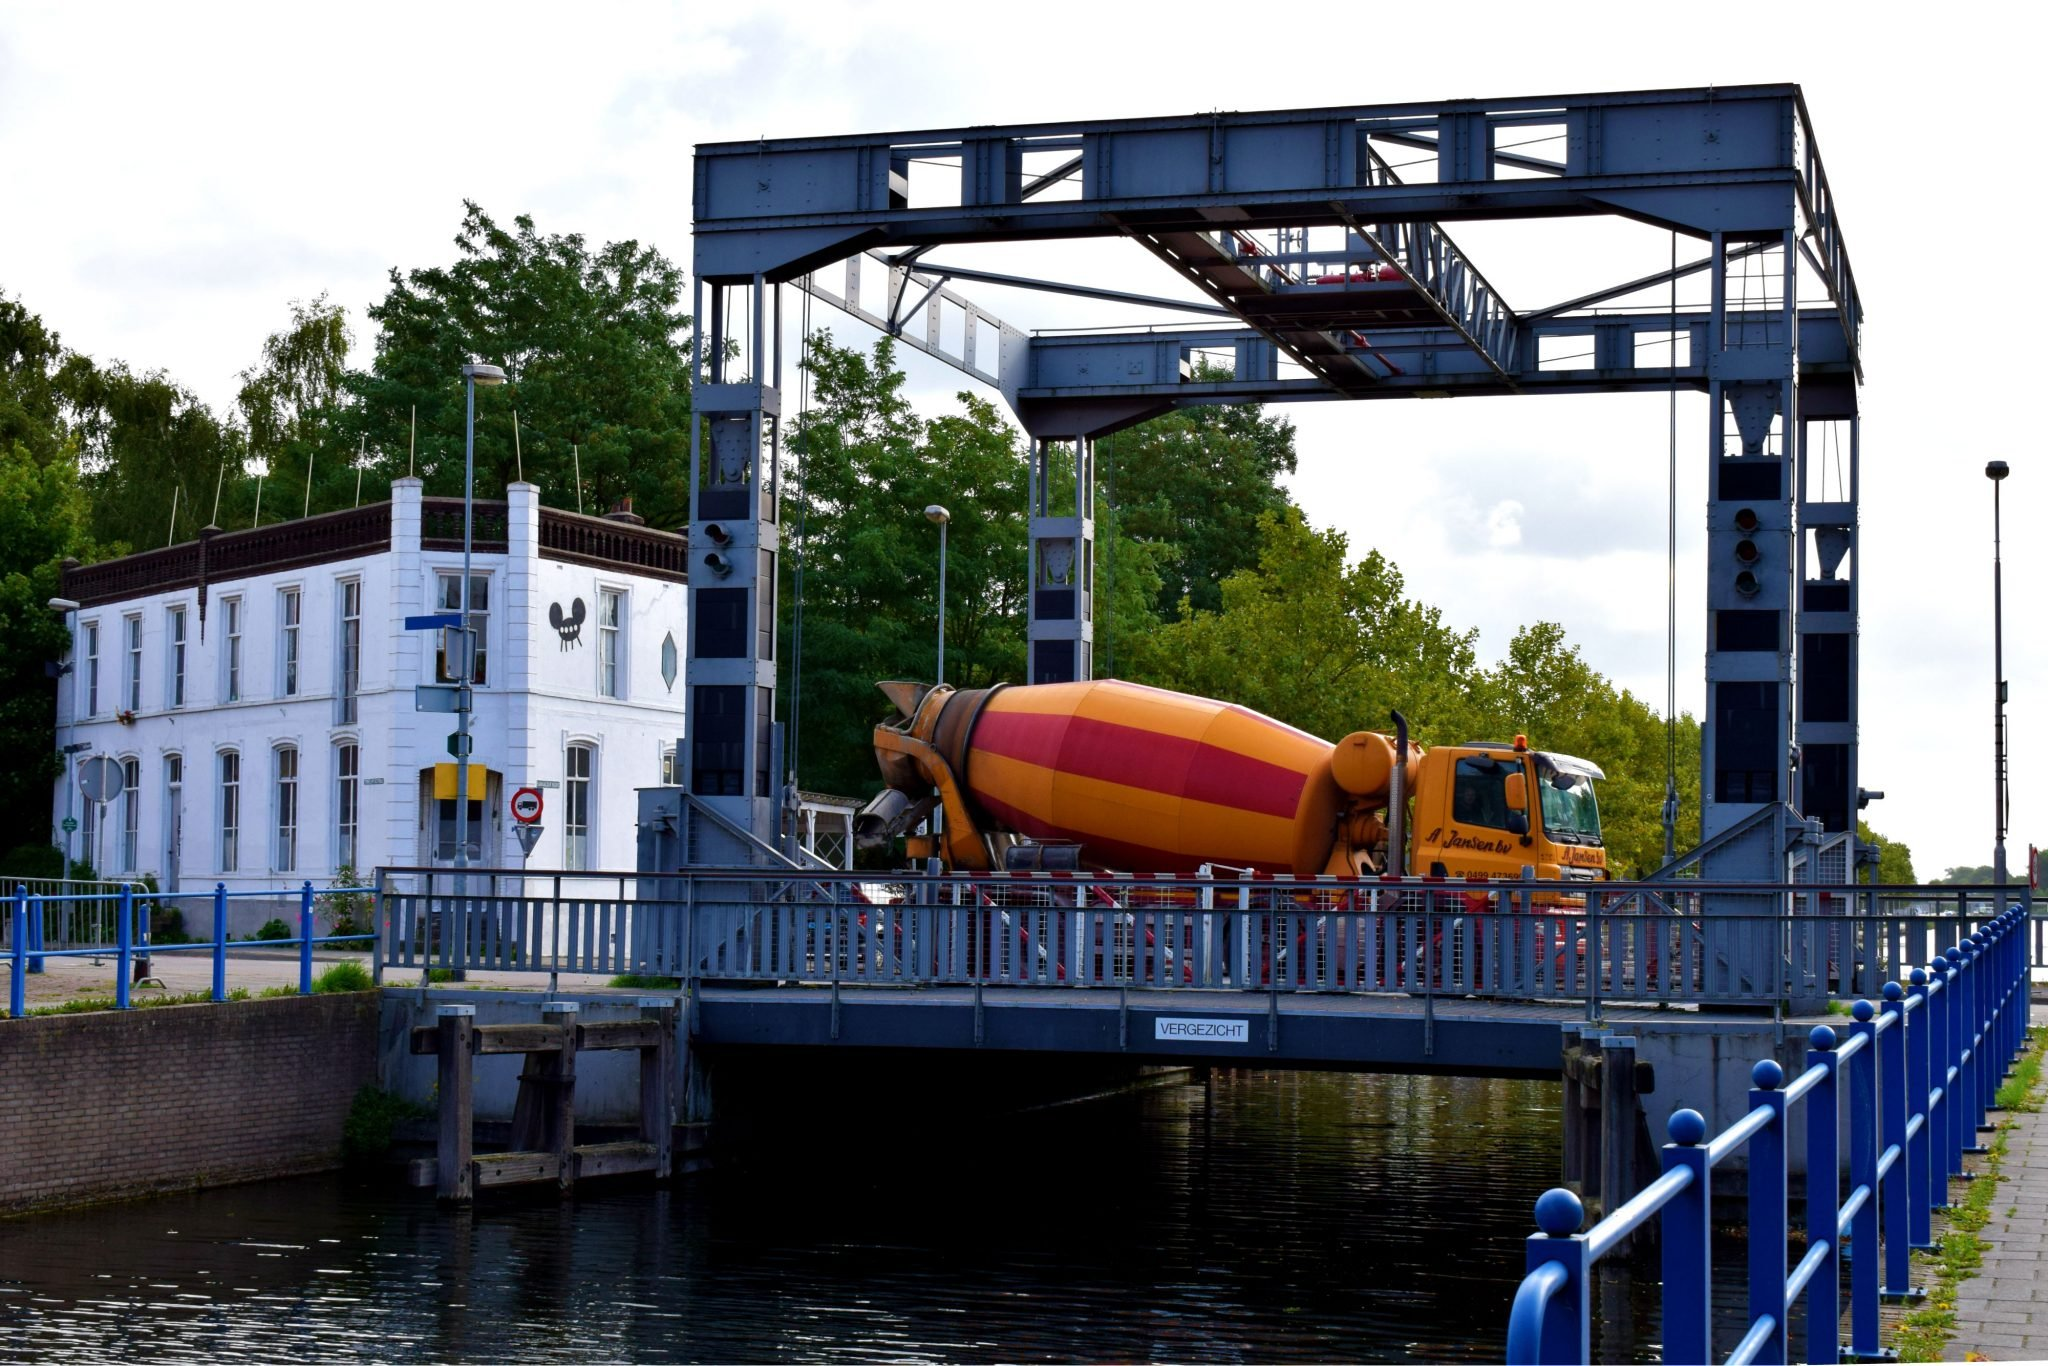 Eindhovens kanaal nieuwbouw